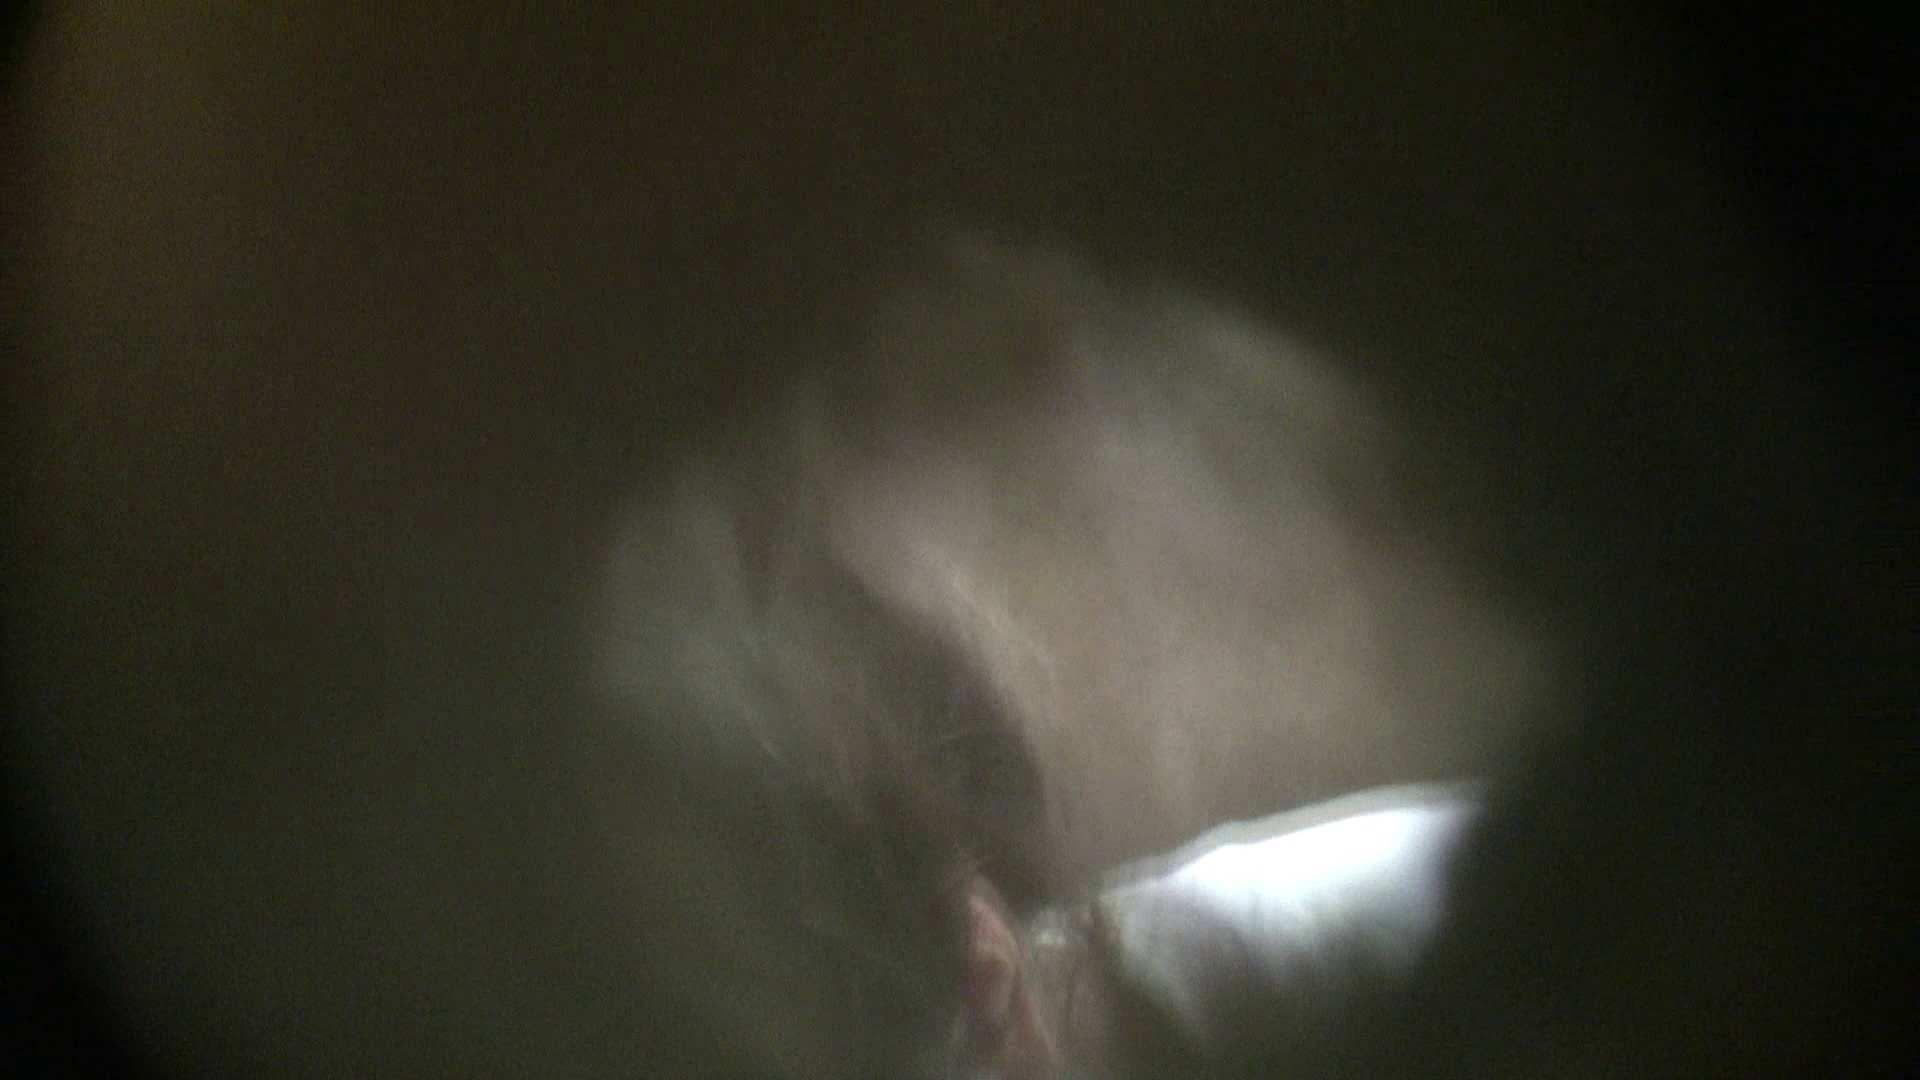 NO.07 短いのでサービス 臨場感をお楽しみください!! シャワー室  78画像 50